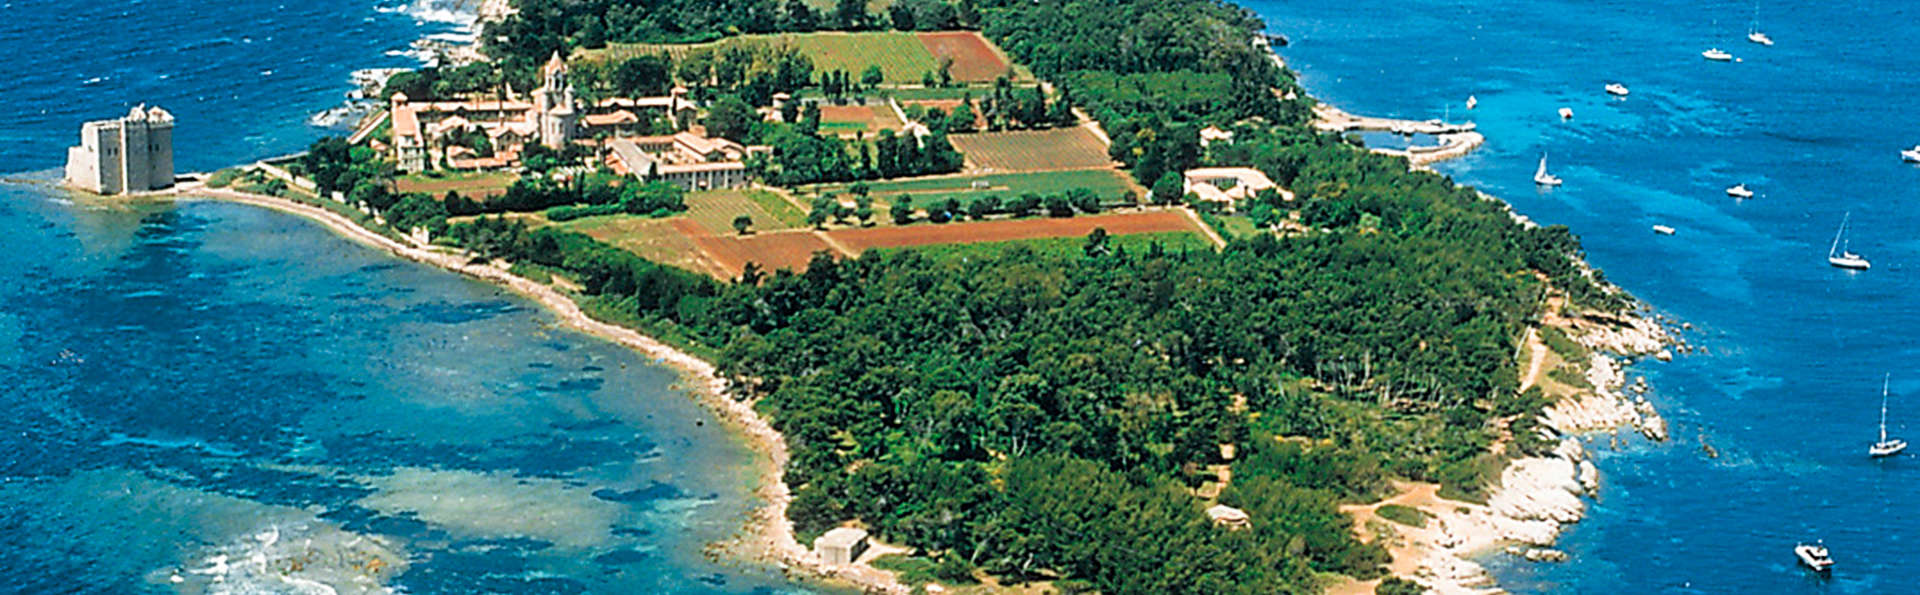 A la découverte des îles de Lérins et séjour dans une superbe hotel à Cannes